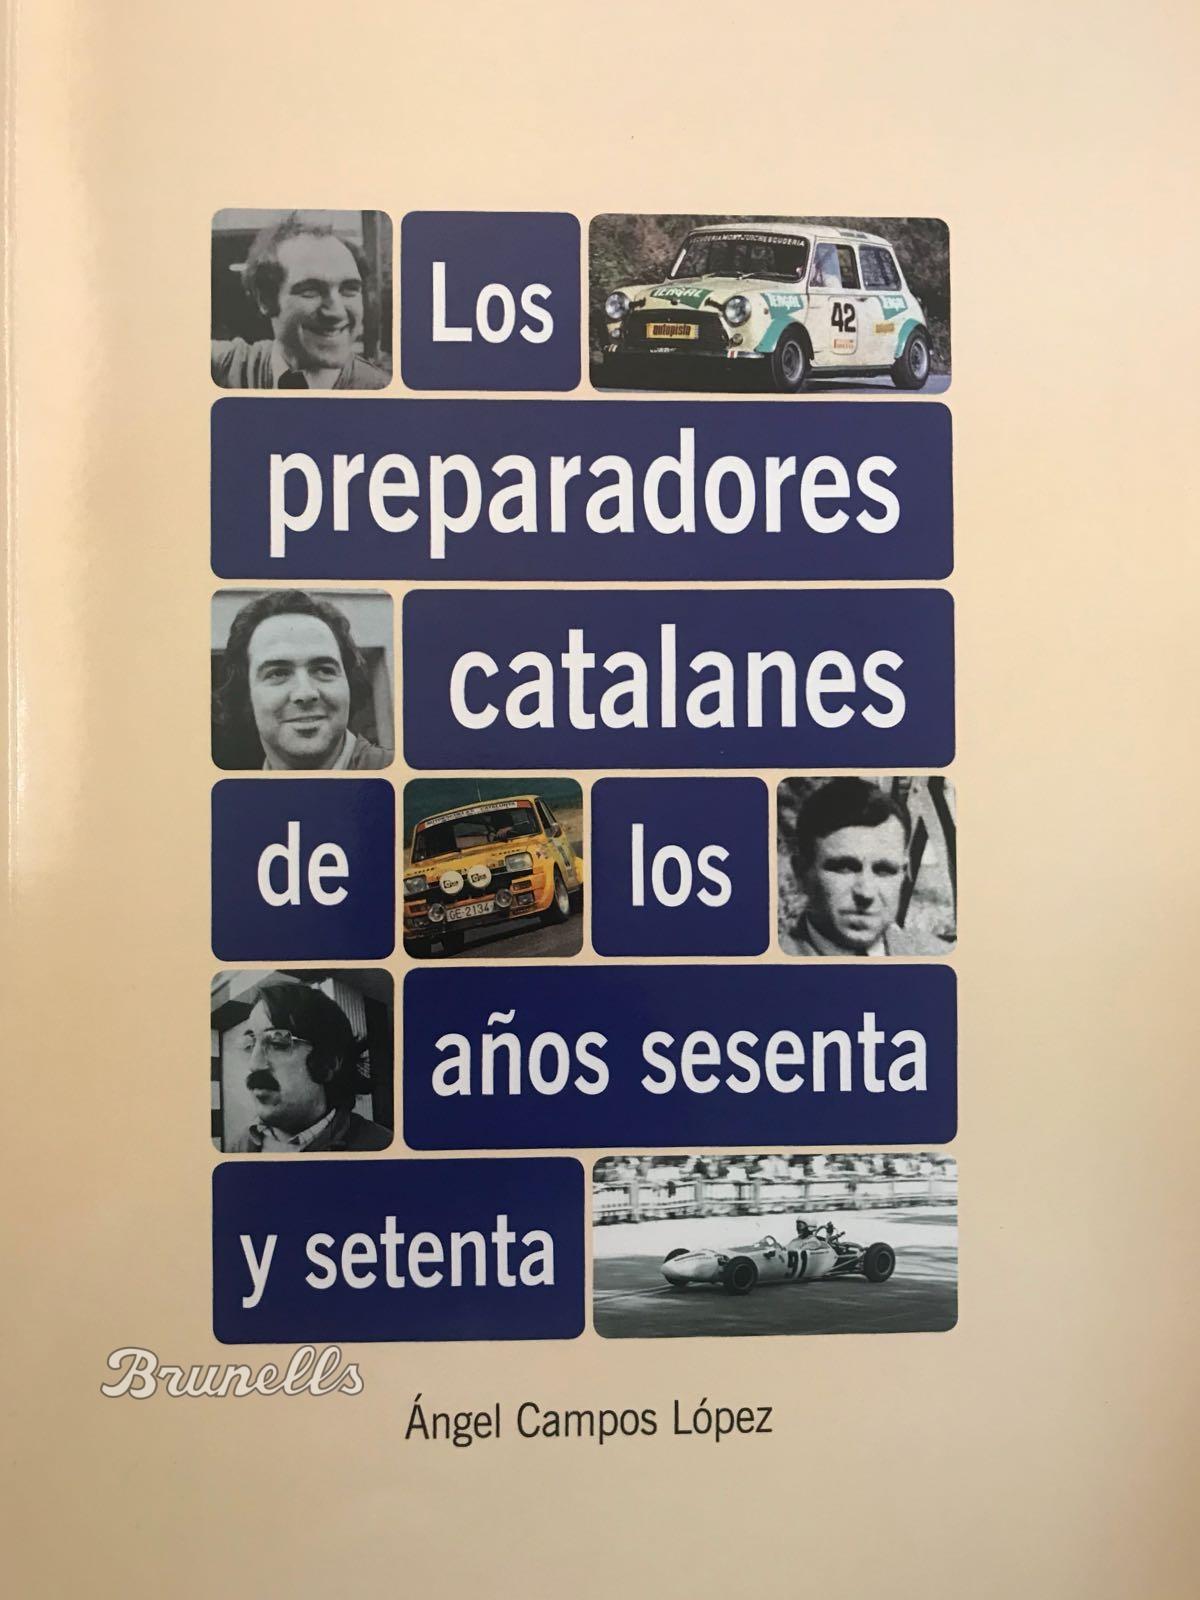 PREPARADORES CATALANES DE LOS AÑOS SESENTA Y SETENTA, porAngel Campos